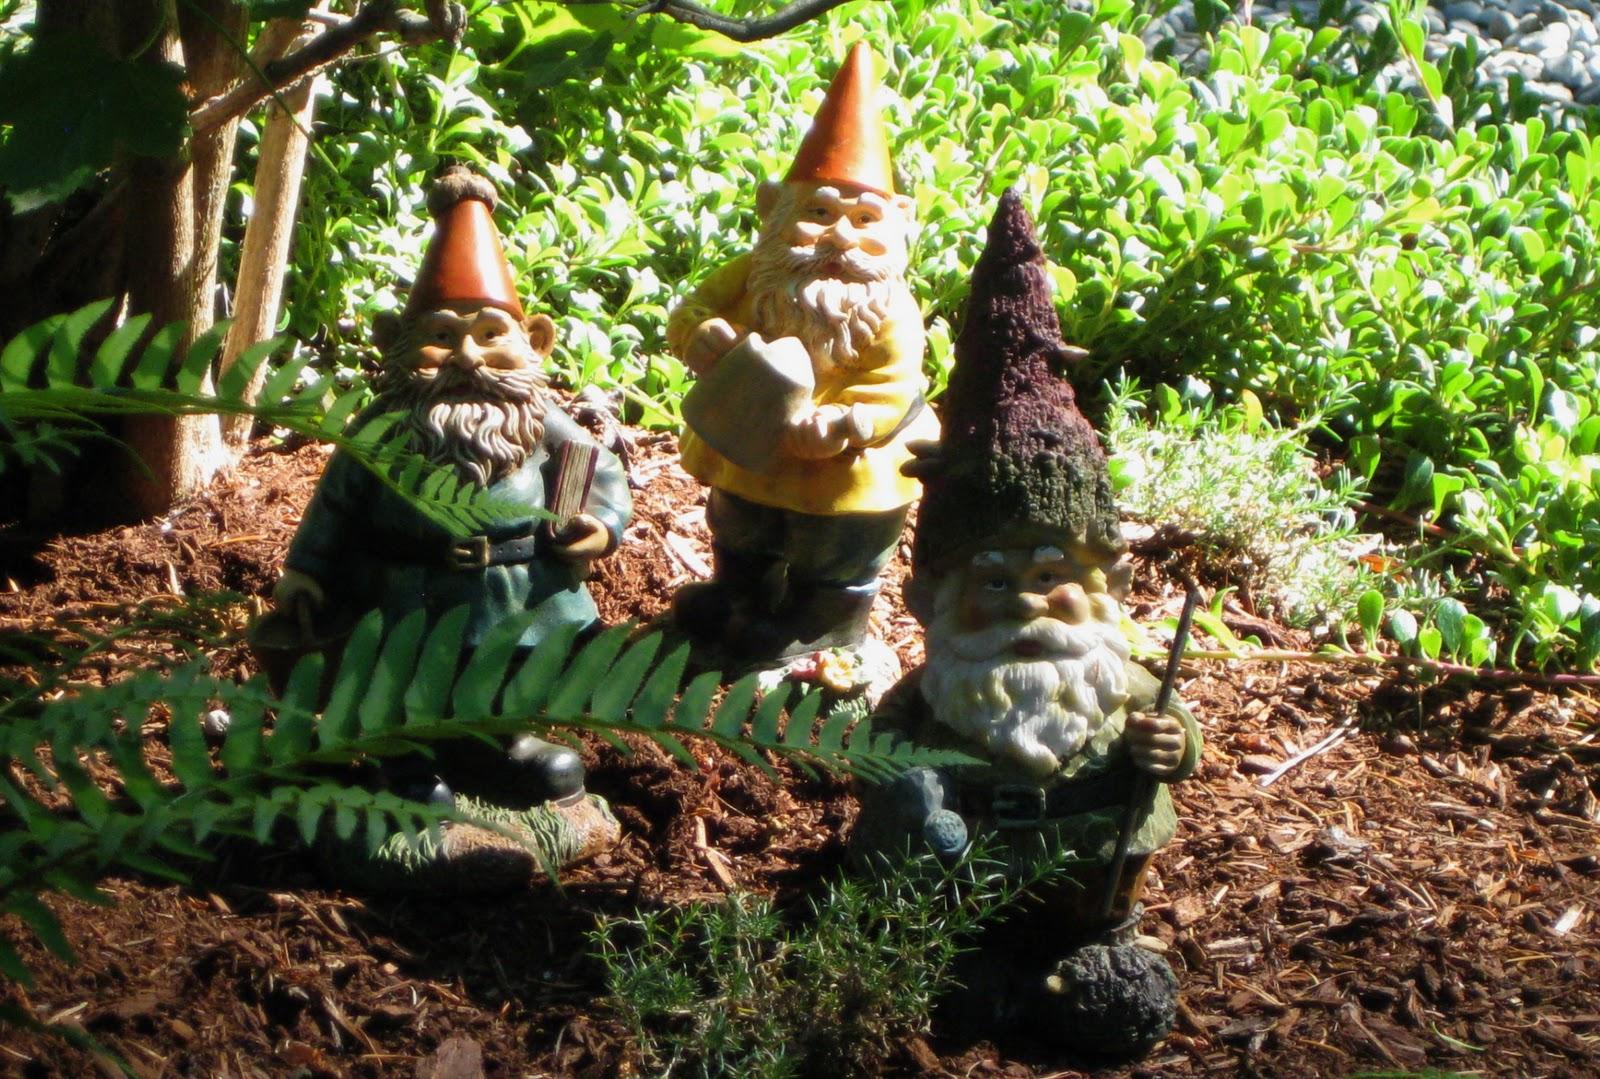 Gnome 4: Gnomes In The Garden